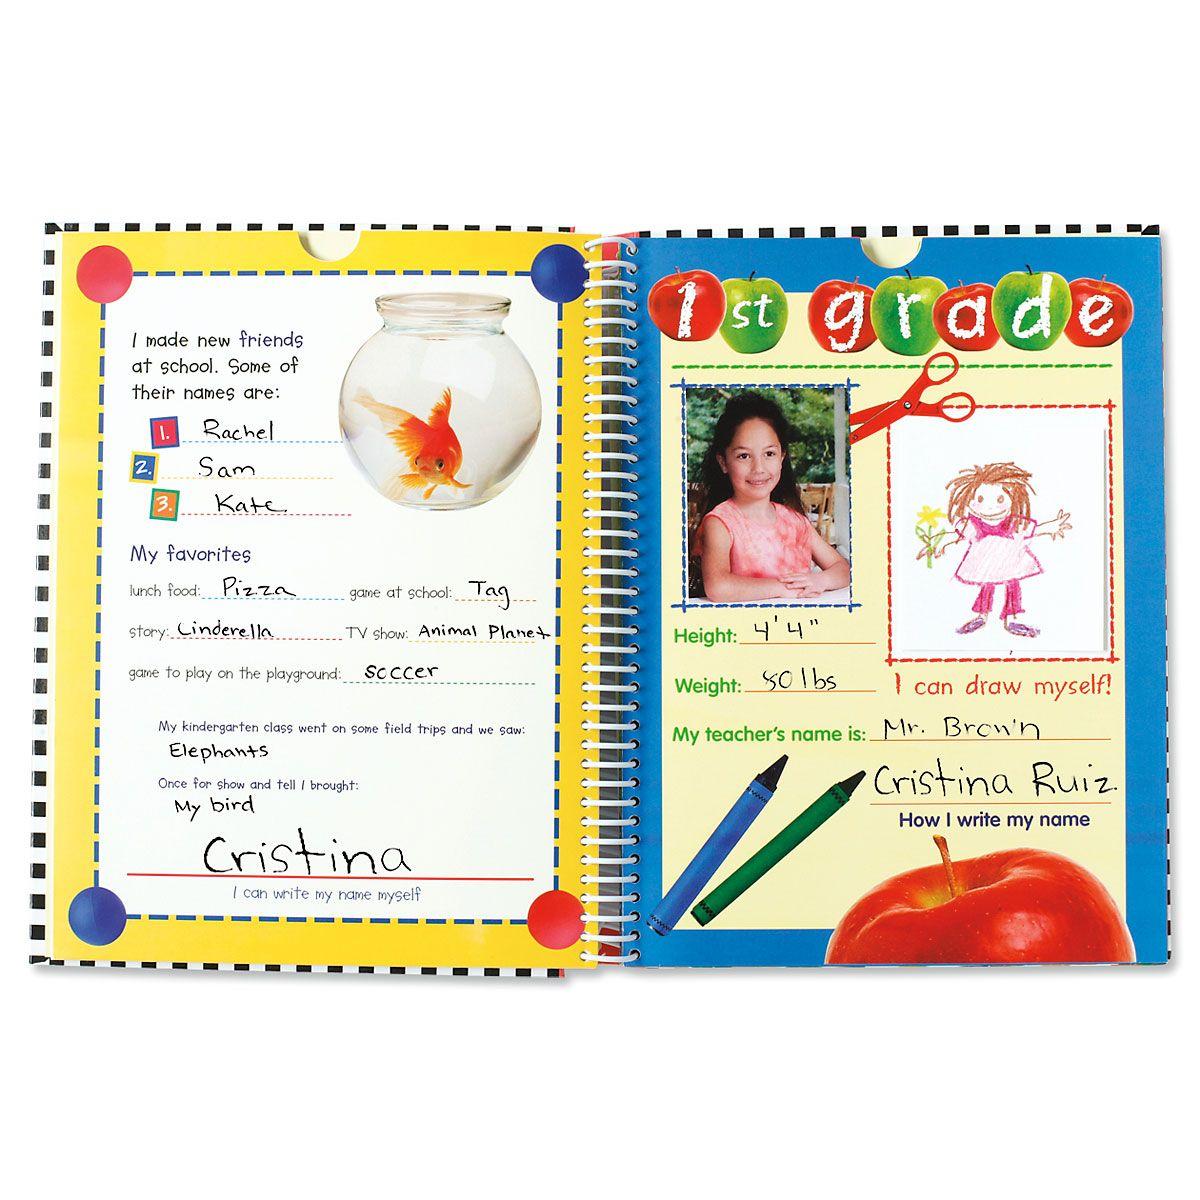 School Memories Collection